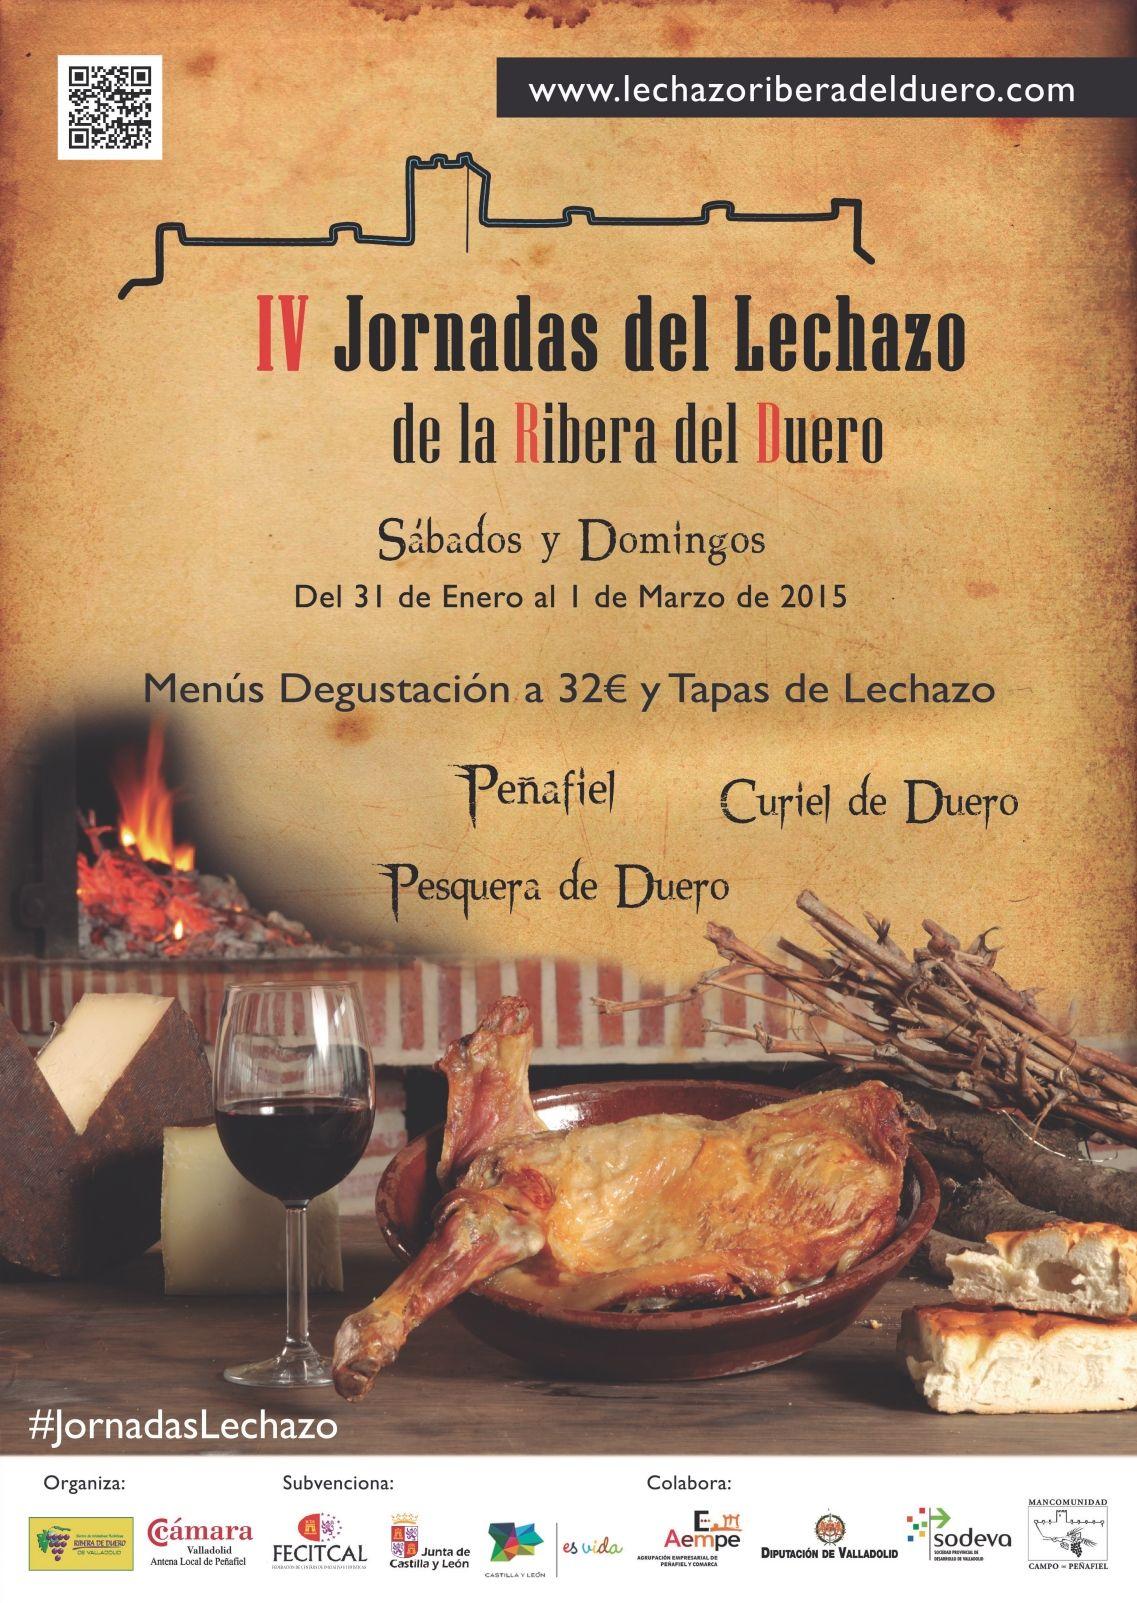 IV Jornadas del Lechazo